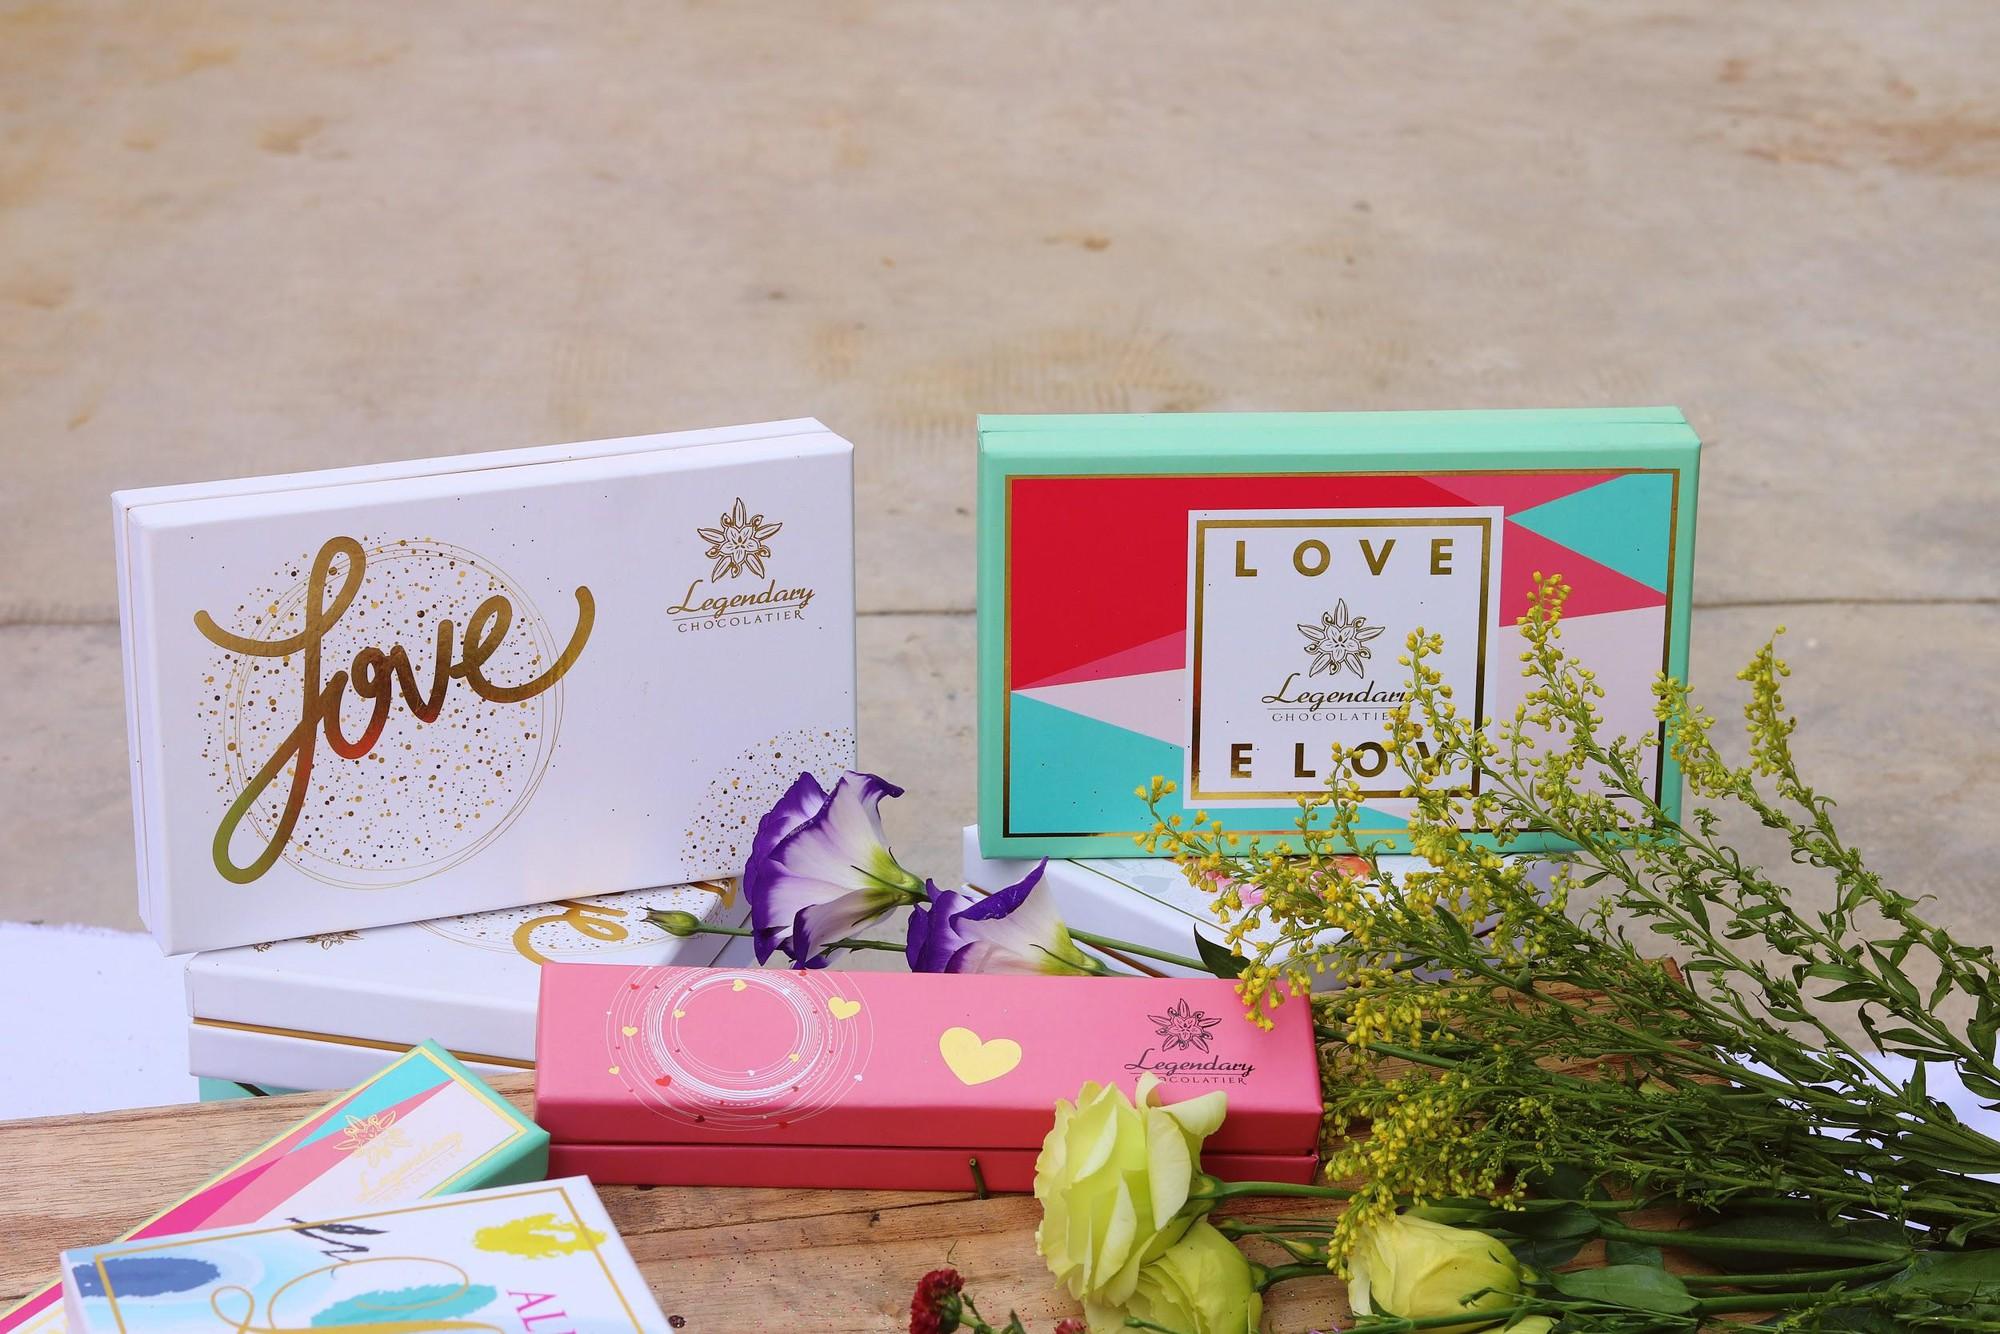 Tặng nhau chocolate ngày Valentine, đừng quên ý nghĩa vì sao nó lại là đại sứ hoàn hảo cho lời tỏ tình của bạn - Ảnh 2.